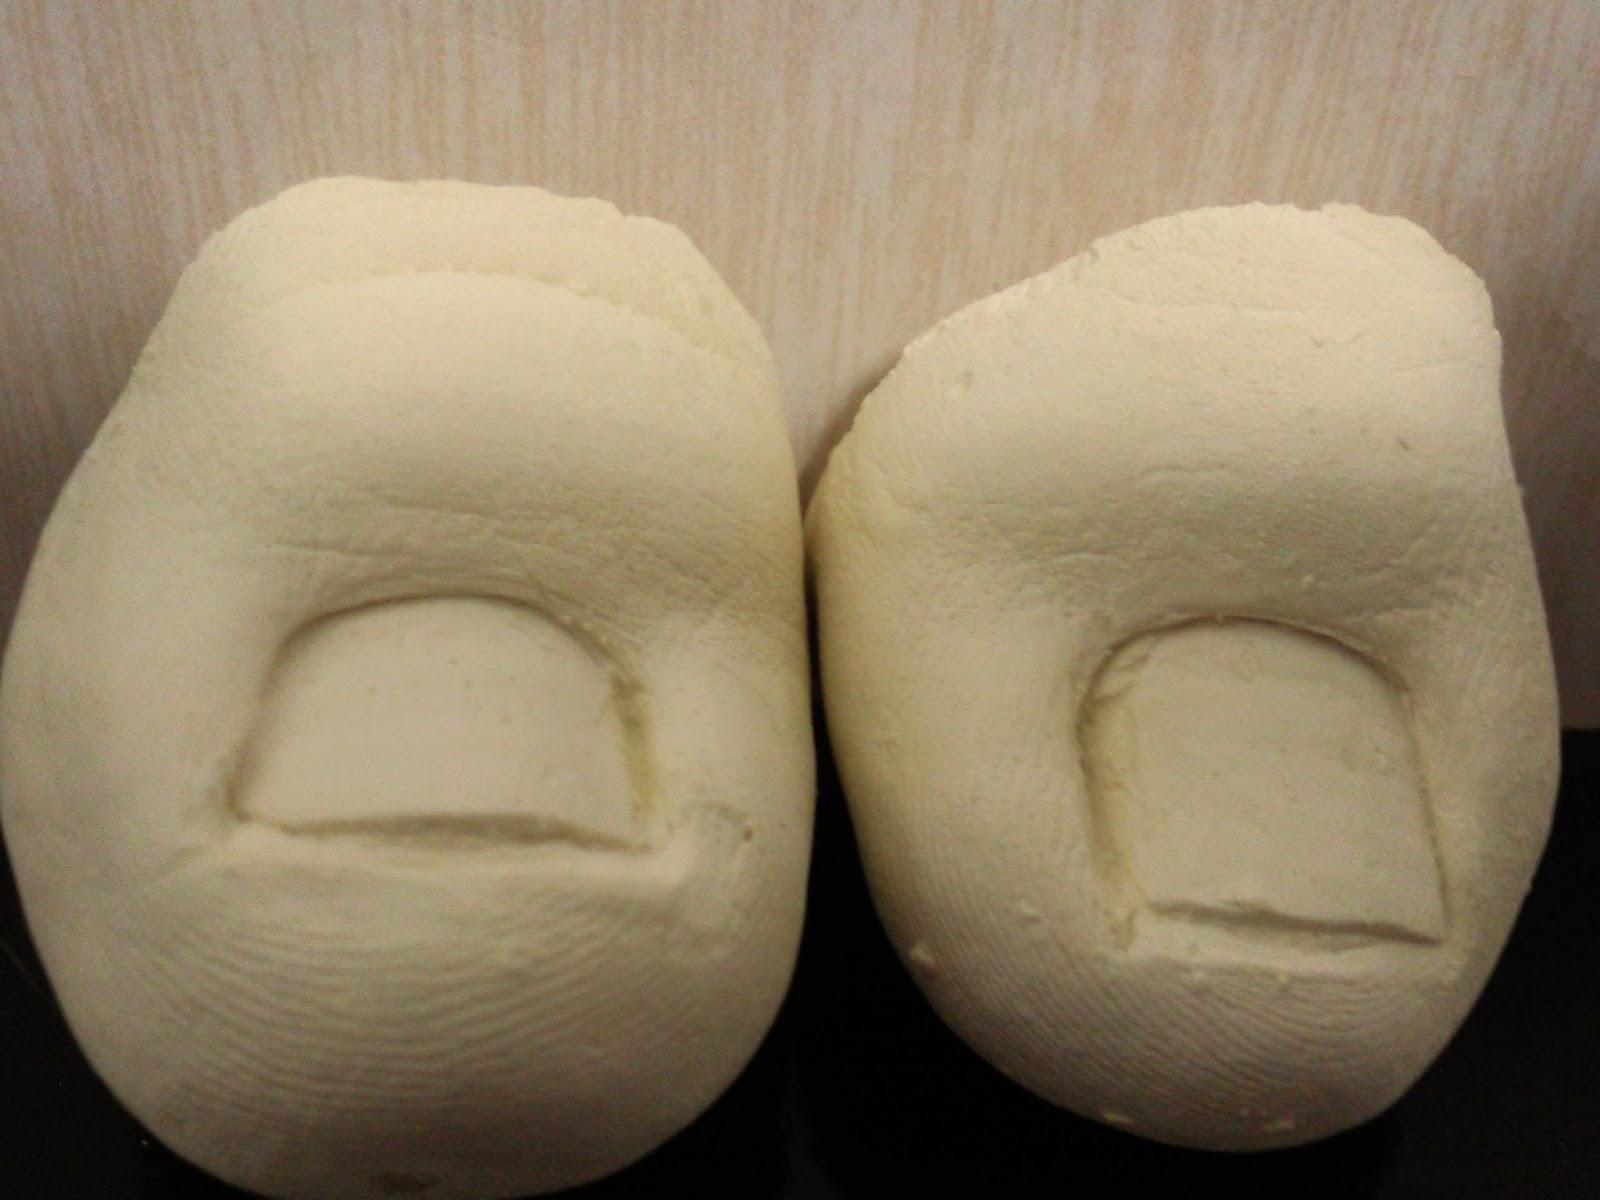 Podologia saúde ao seus pés Aplicaç u00e3o deórtese na lamina ungueal (unha)